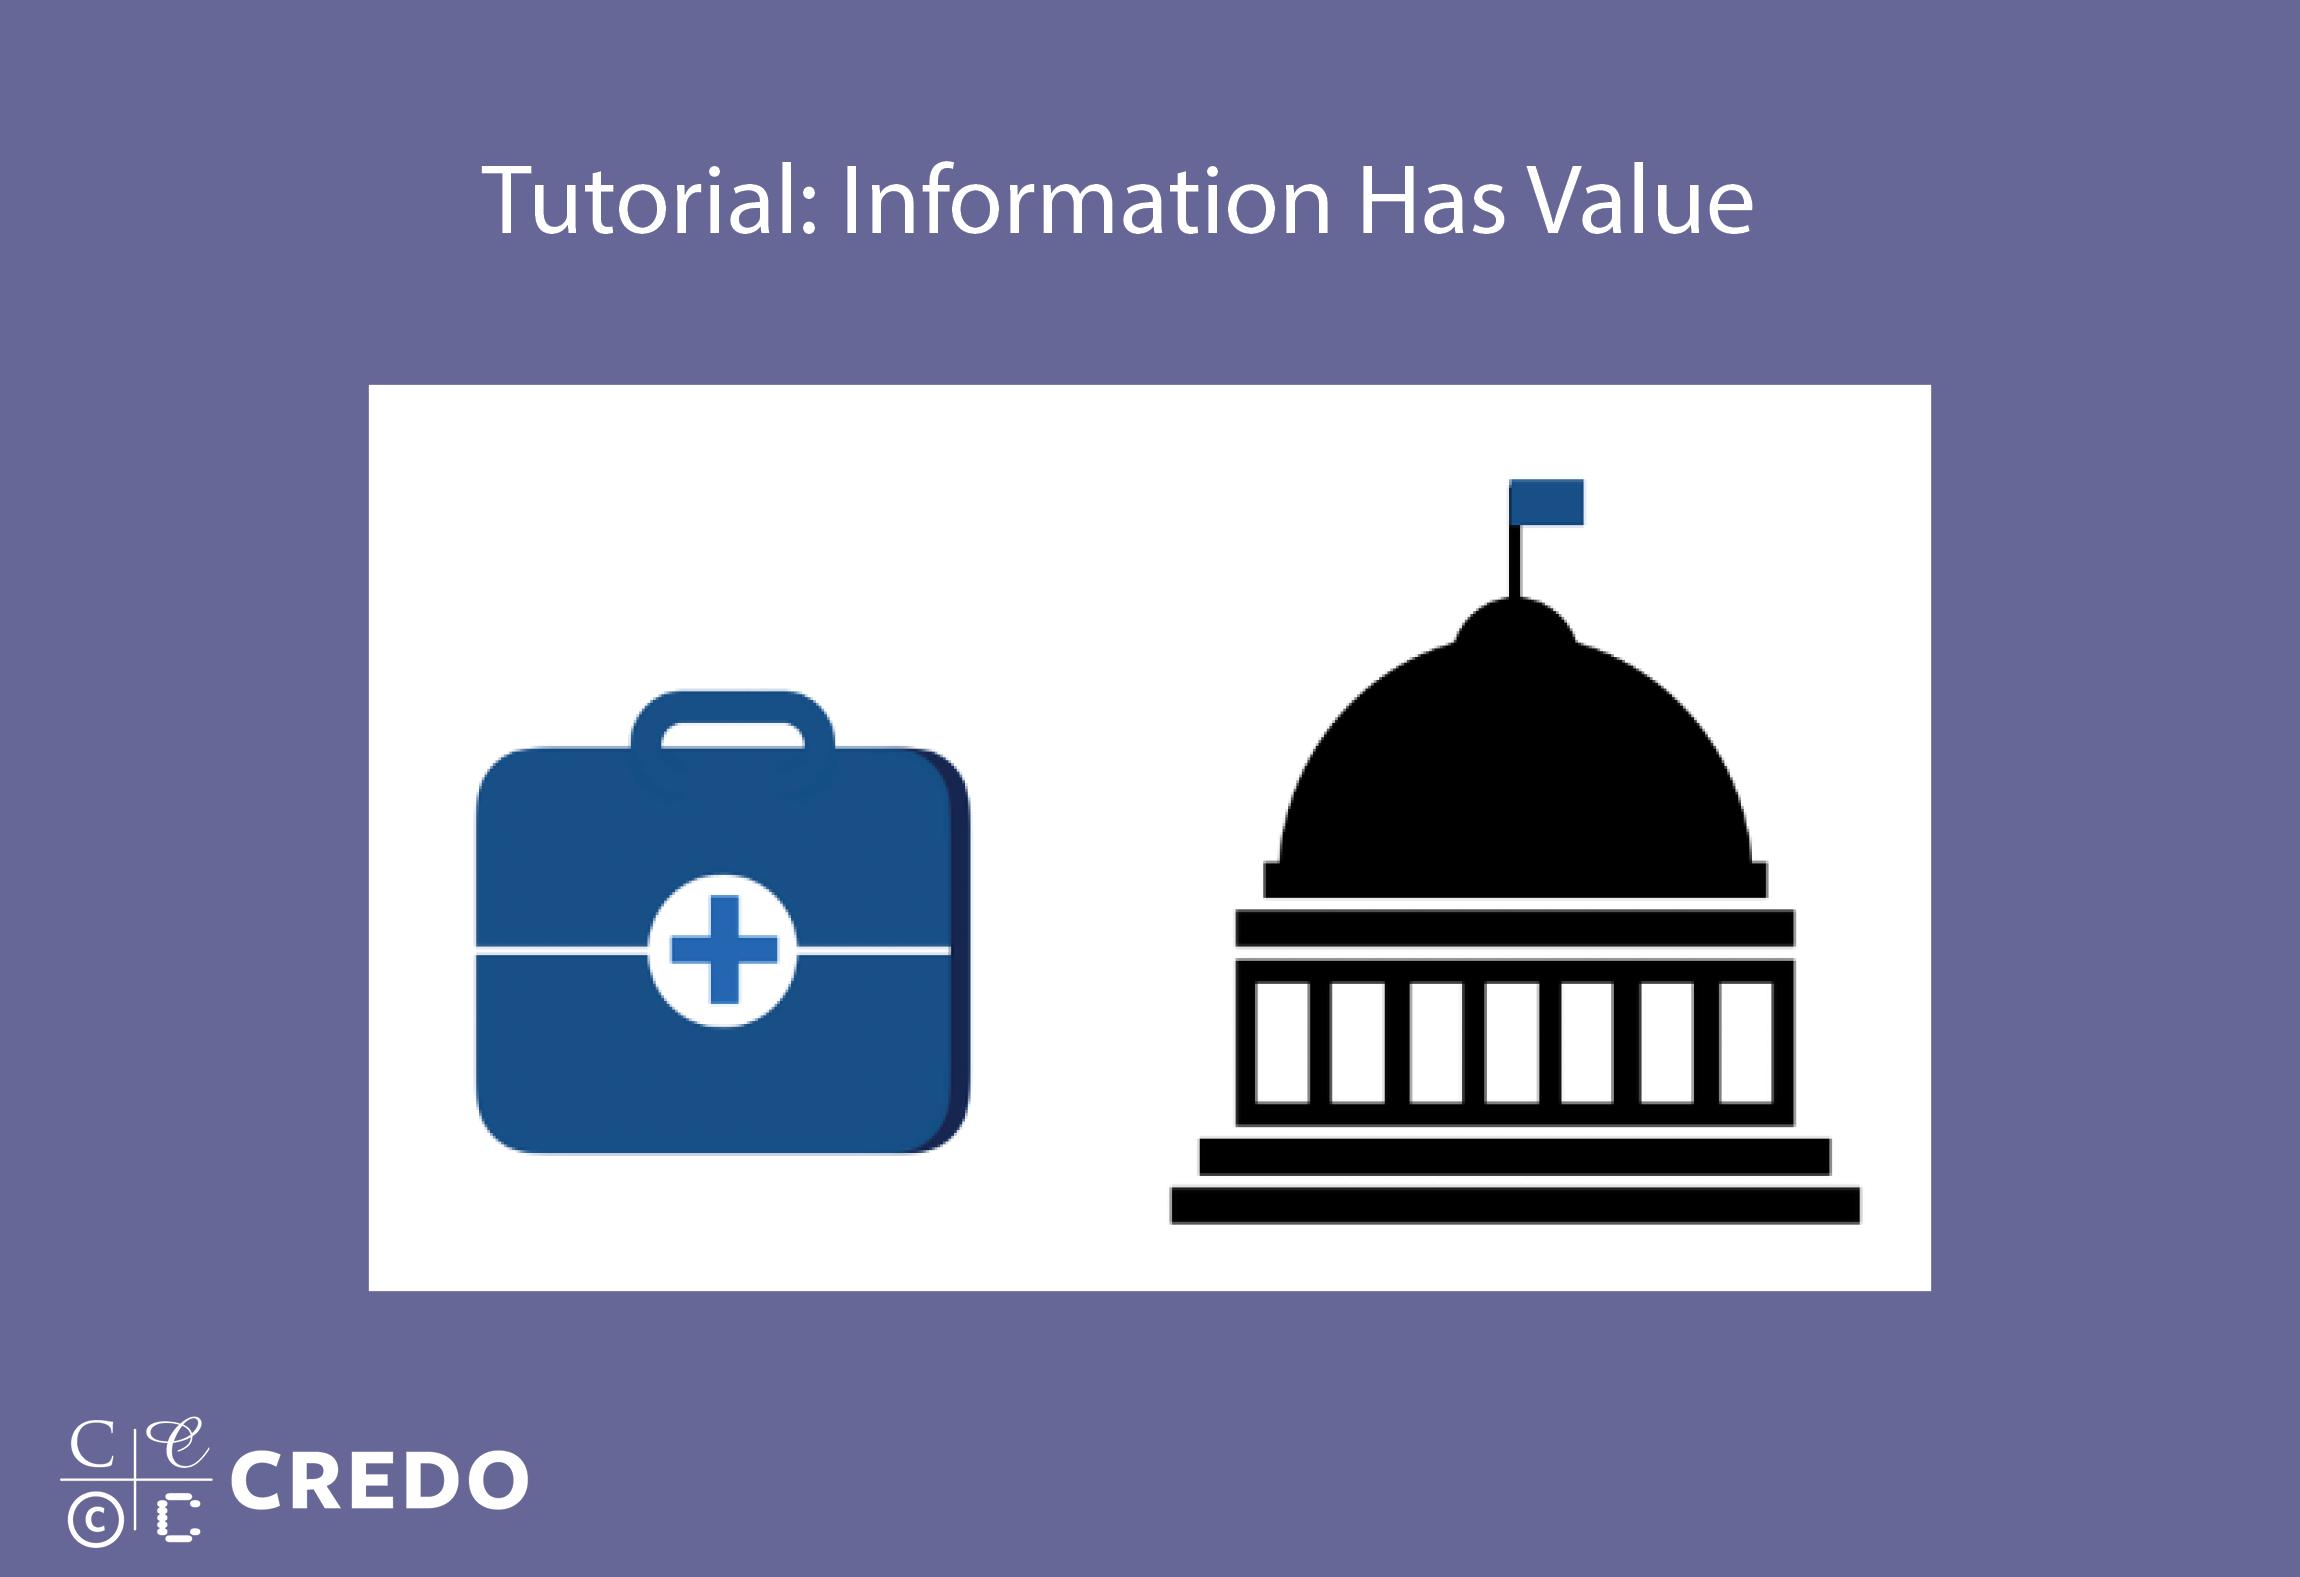 Tutorial: Information Has Value